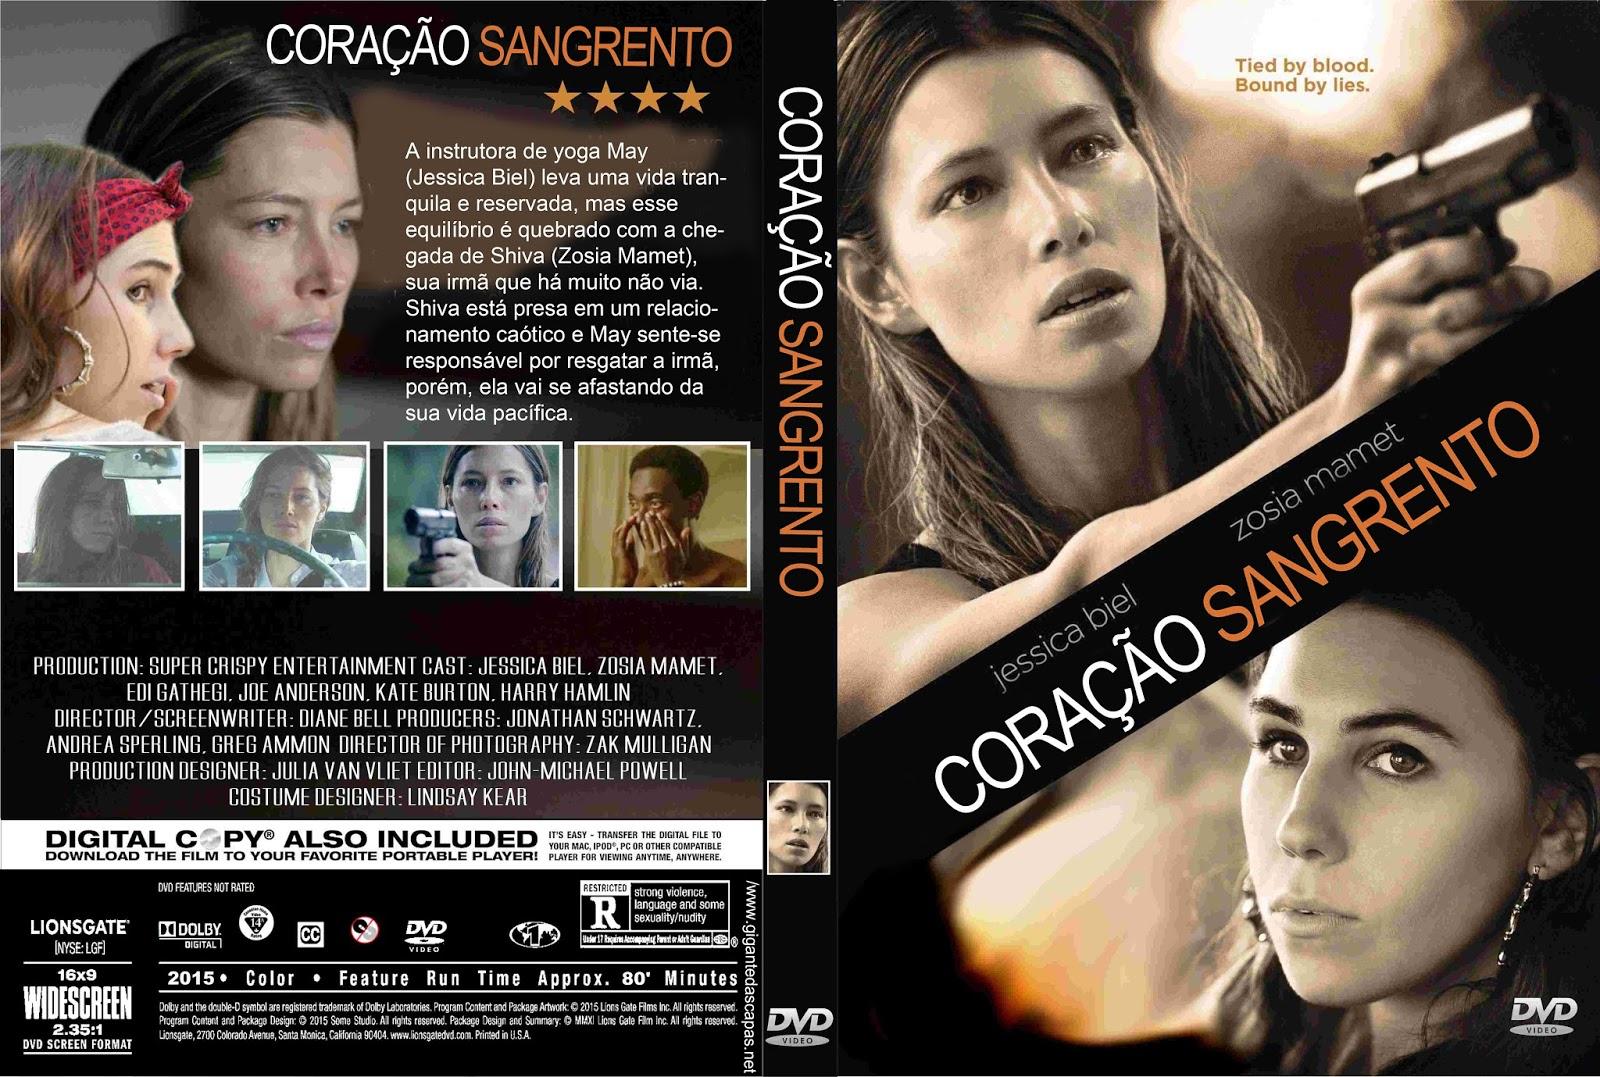 Coração Sangrento DVD-R Cora C3 A7 C3 A3o Sangrento   Capa Filme DVD